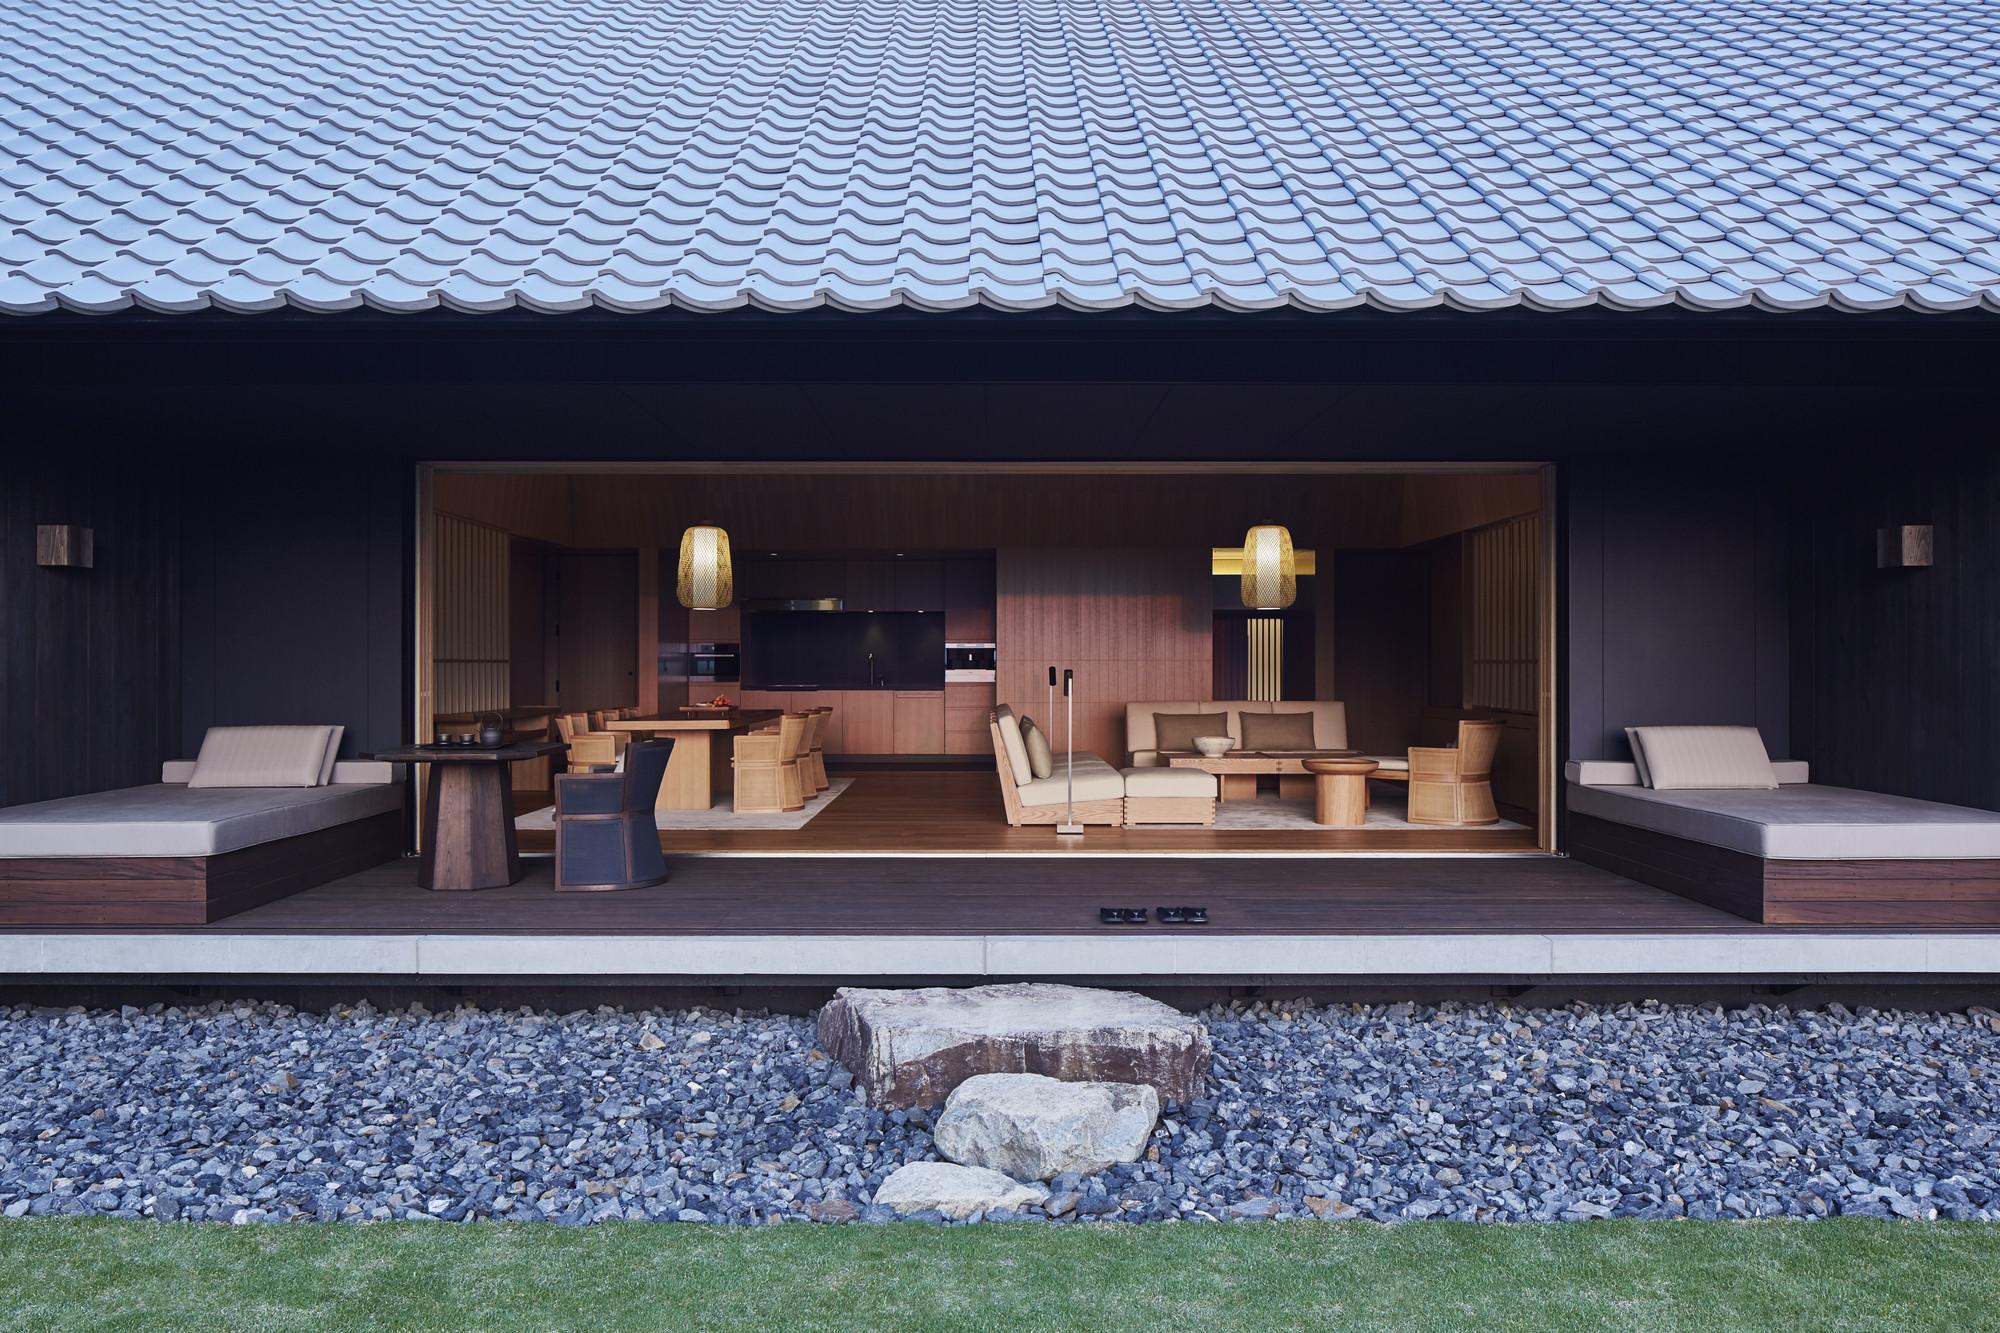 前の記事: ホリスティックな温泉旅館<br>Amanemuが3月1日オープン